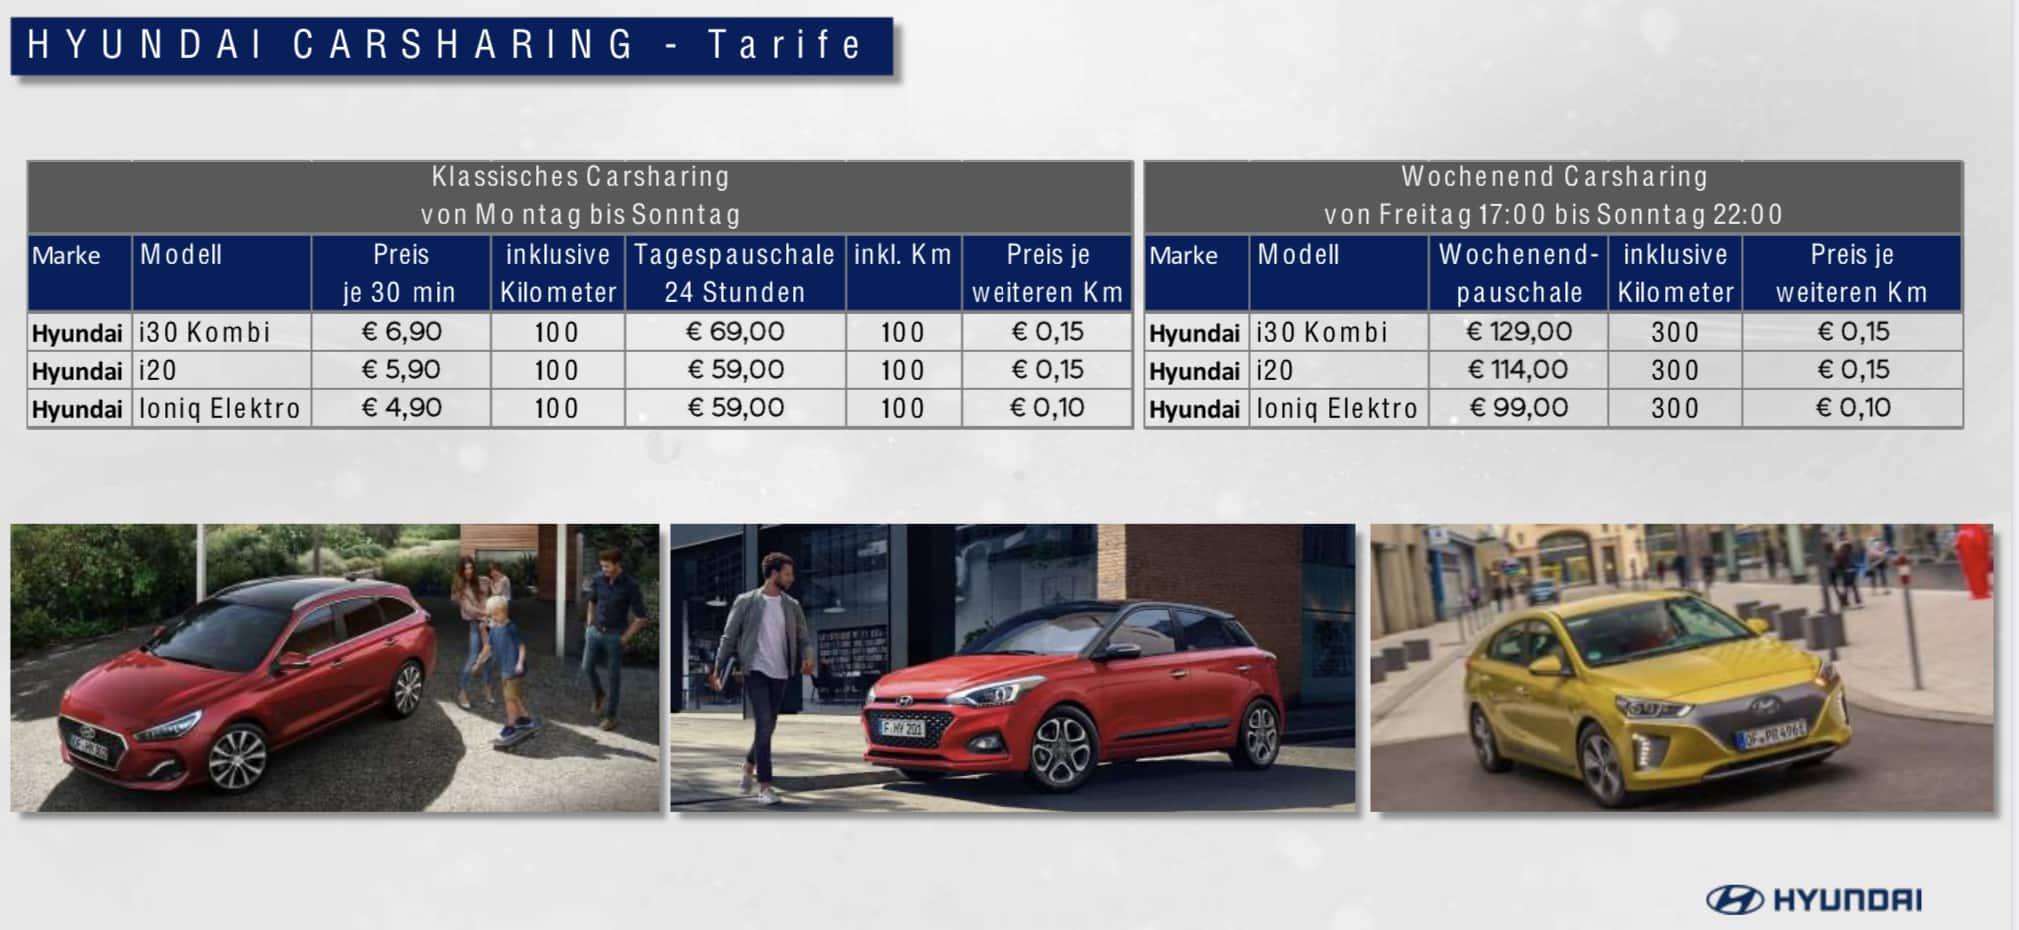 Hyundai Autos: im Abo, als Carsharing oder per Online-Kauf mit Hauszustellung » Hyundai Carsharing Tarife